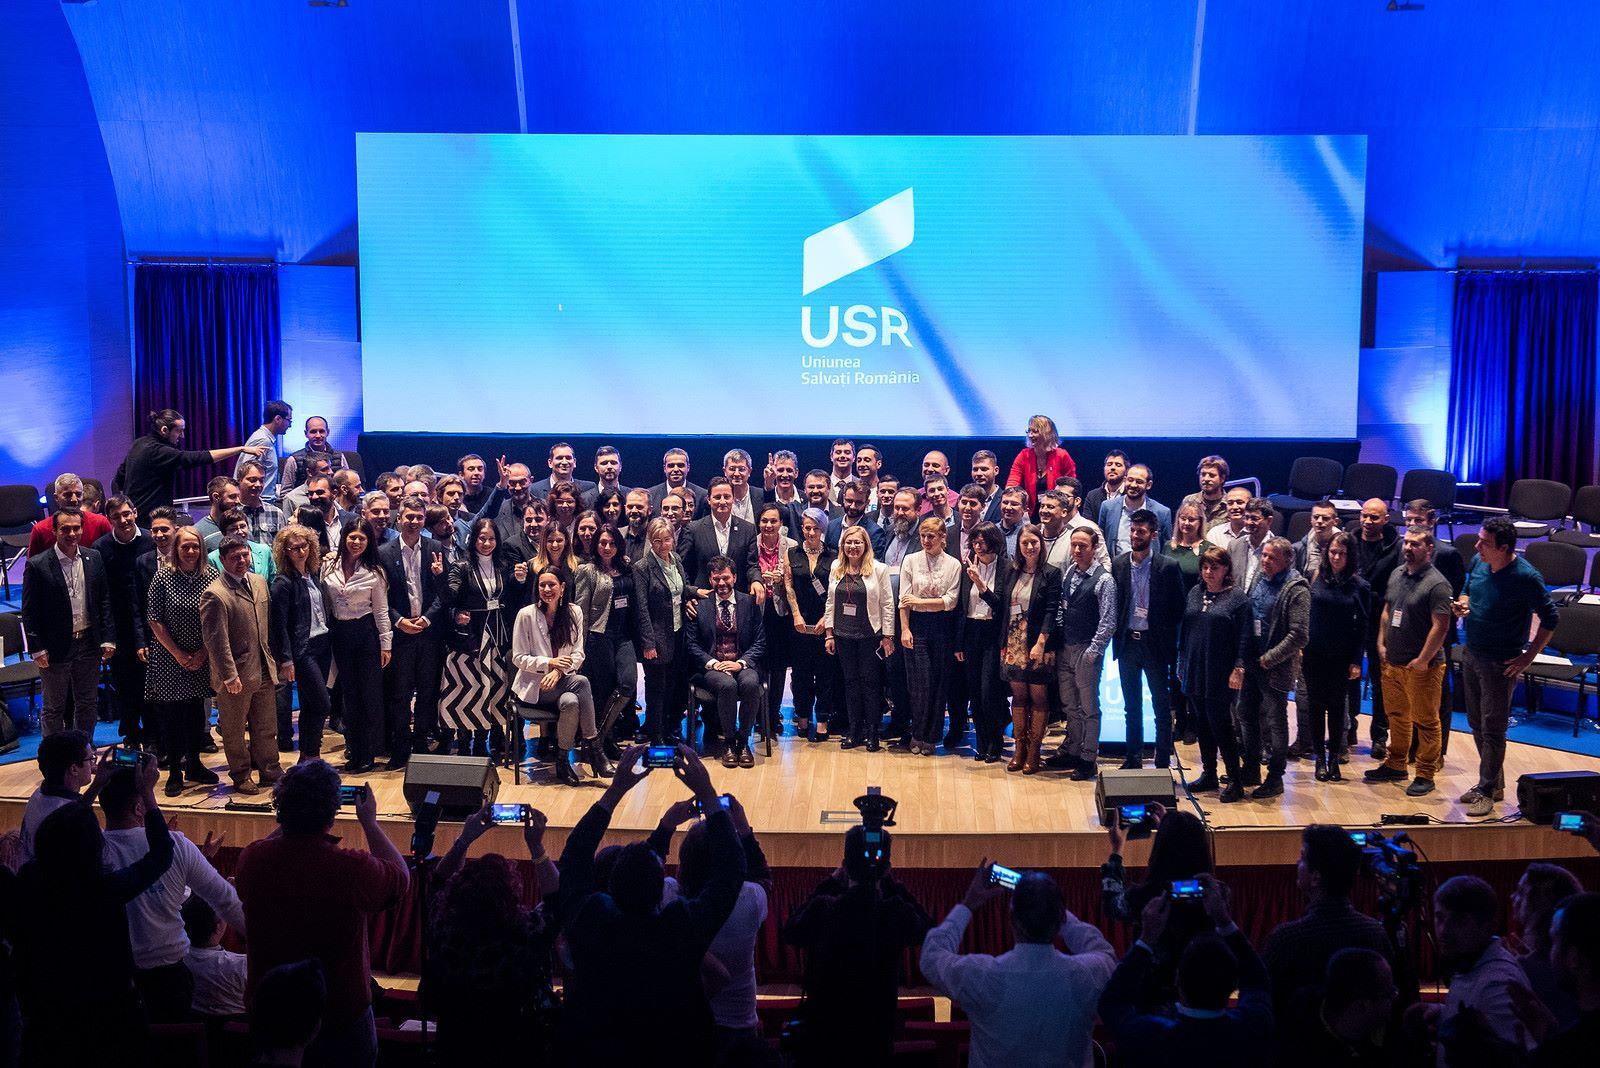 USR si-a ales candidatii la alegerile europarlamentare din mai 2019